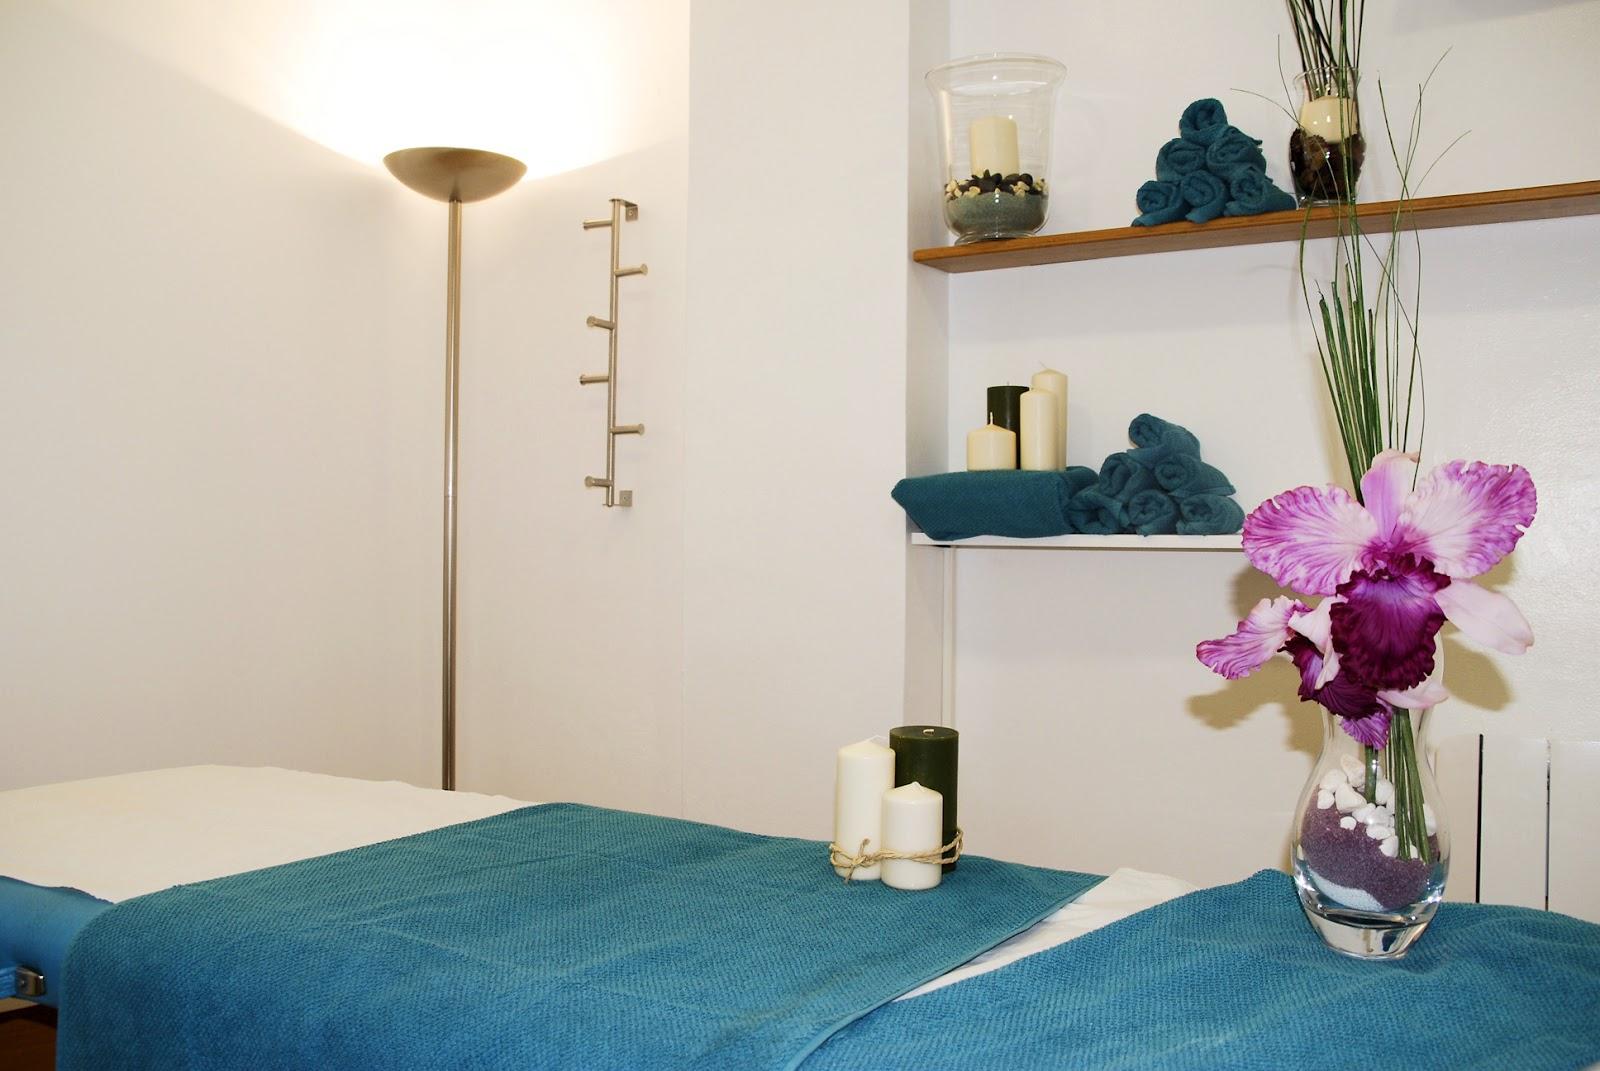 Teorico de masaje 16 abr 2012 - Decoracion reiki ...